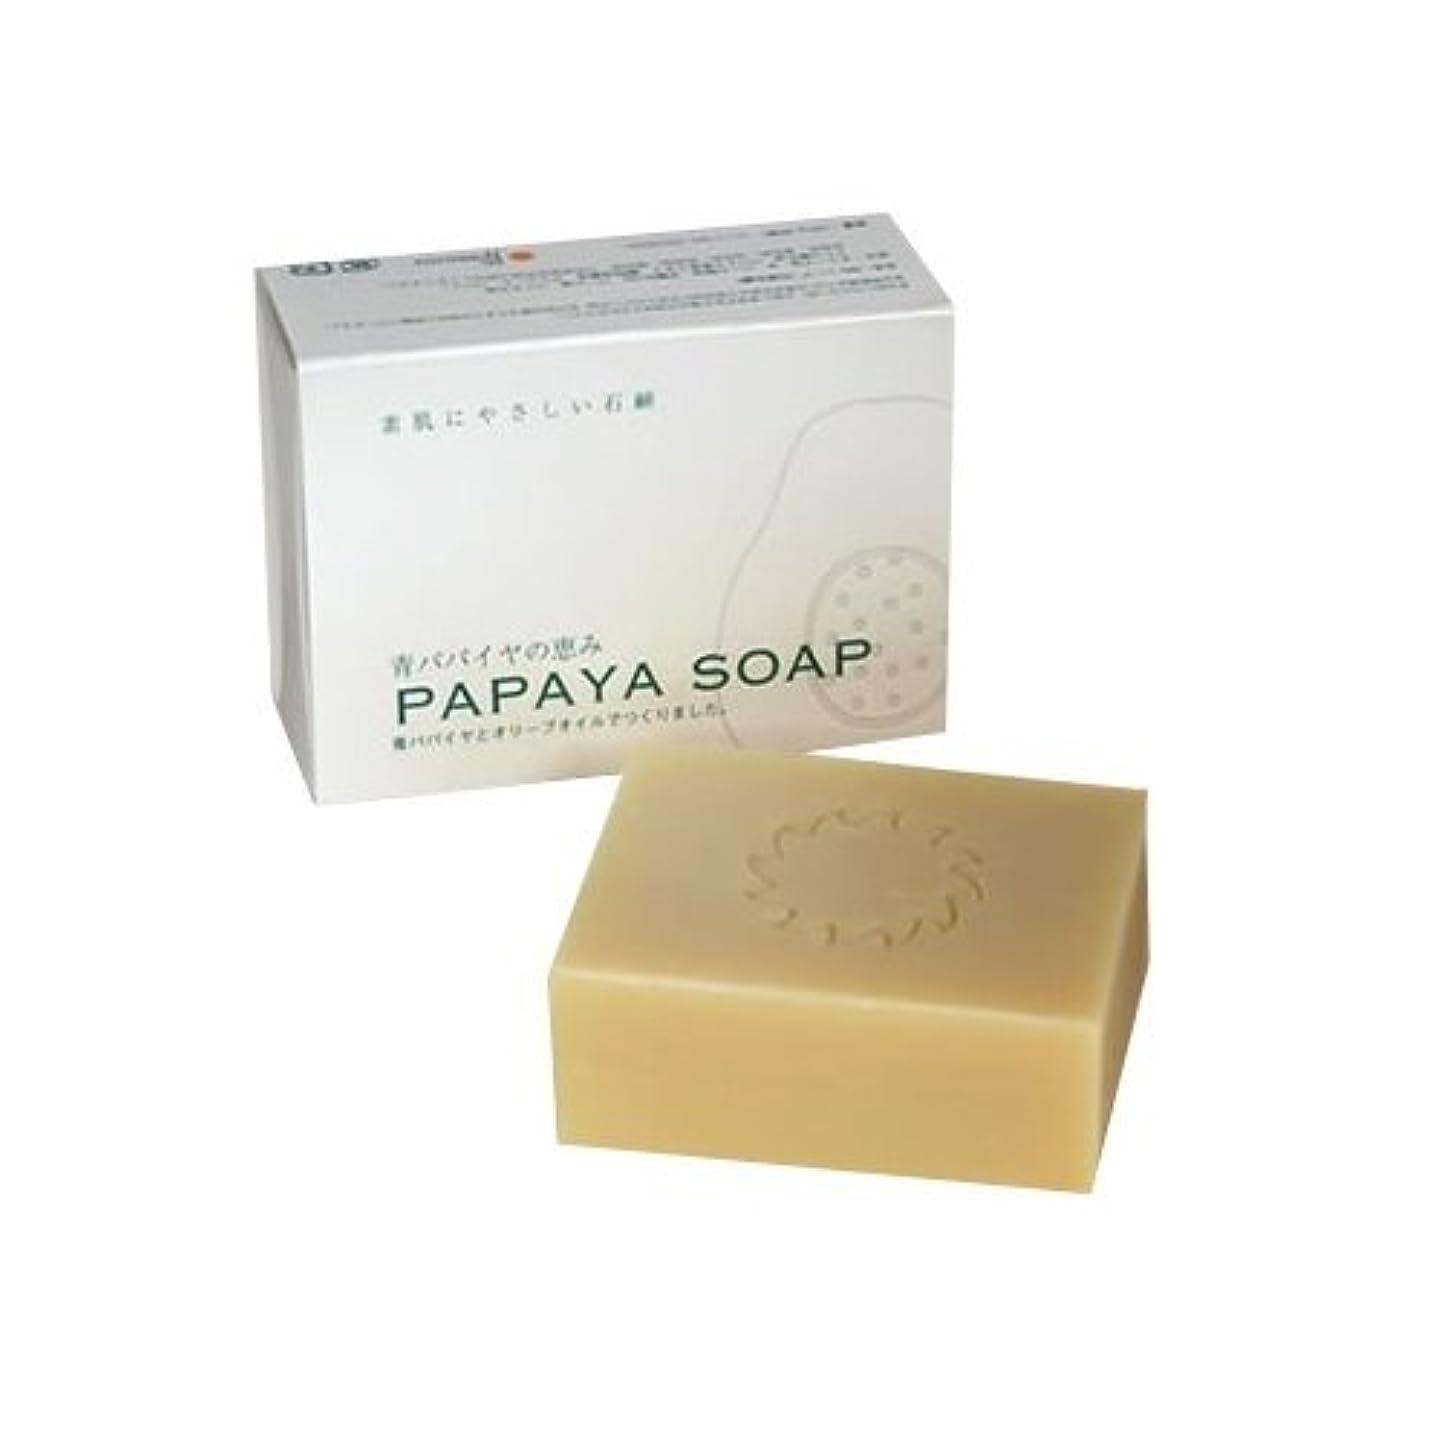 倫理退化するつかの間青パパイヤの恵み PAPAYA SOAP(パパイヤソープ) 100g